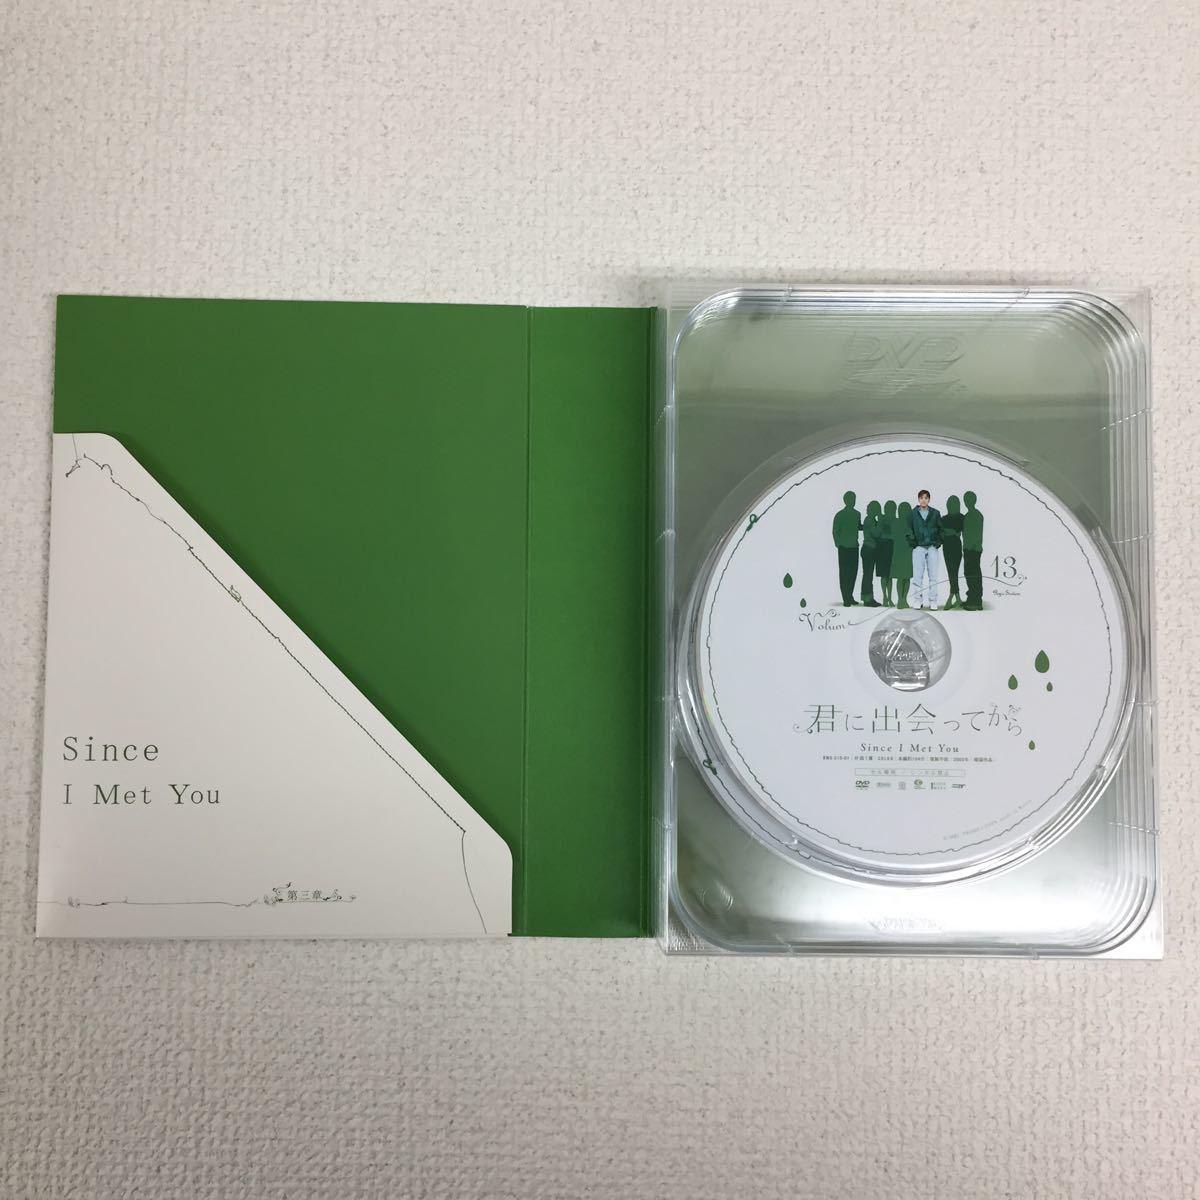 君に出会ってから 第三章 DVD-BOX 3 セル版 6枚組 韓国 ドラマ 韓流 日本語字幕 チョン・ソンジュ パク・ジョン リュ・シウォン_画像4